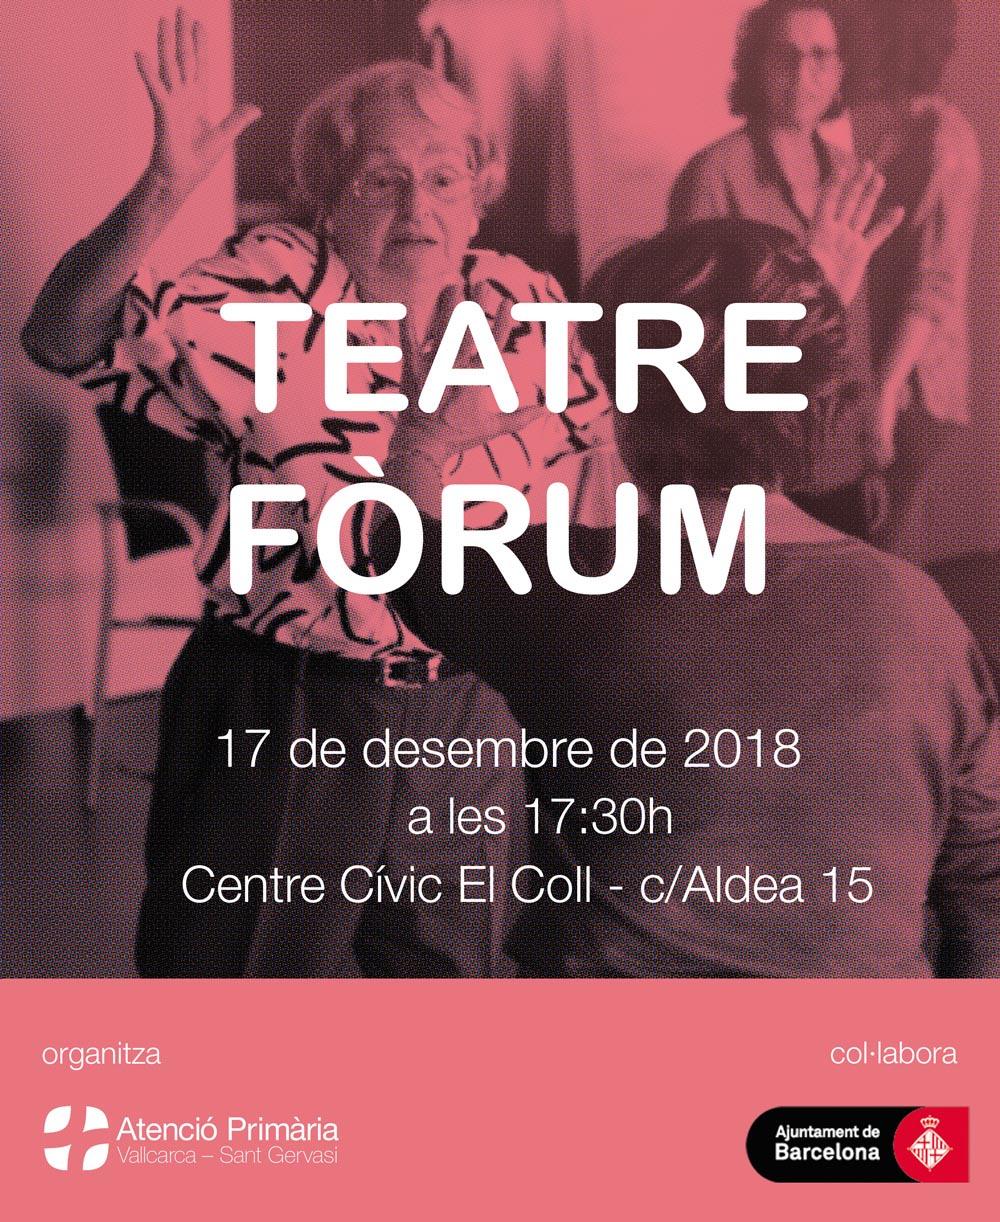 Teatre fòrum - Atenció Primària Vallcarca-Sant Gervasi